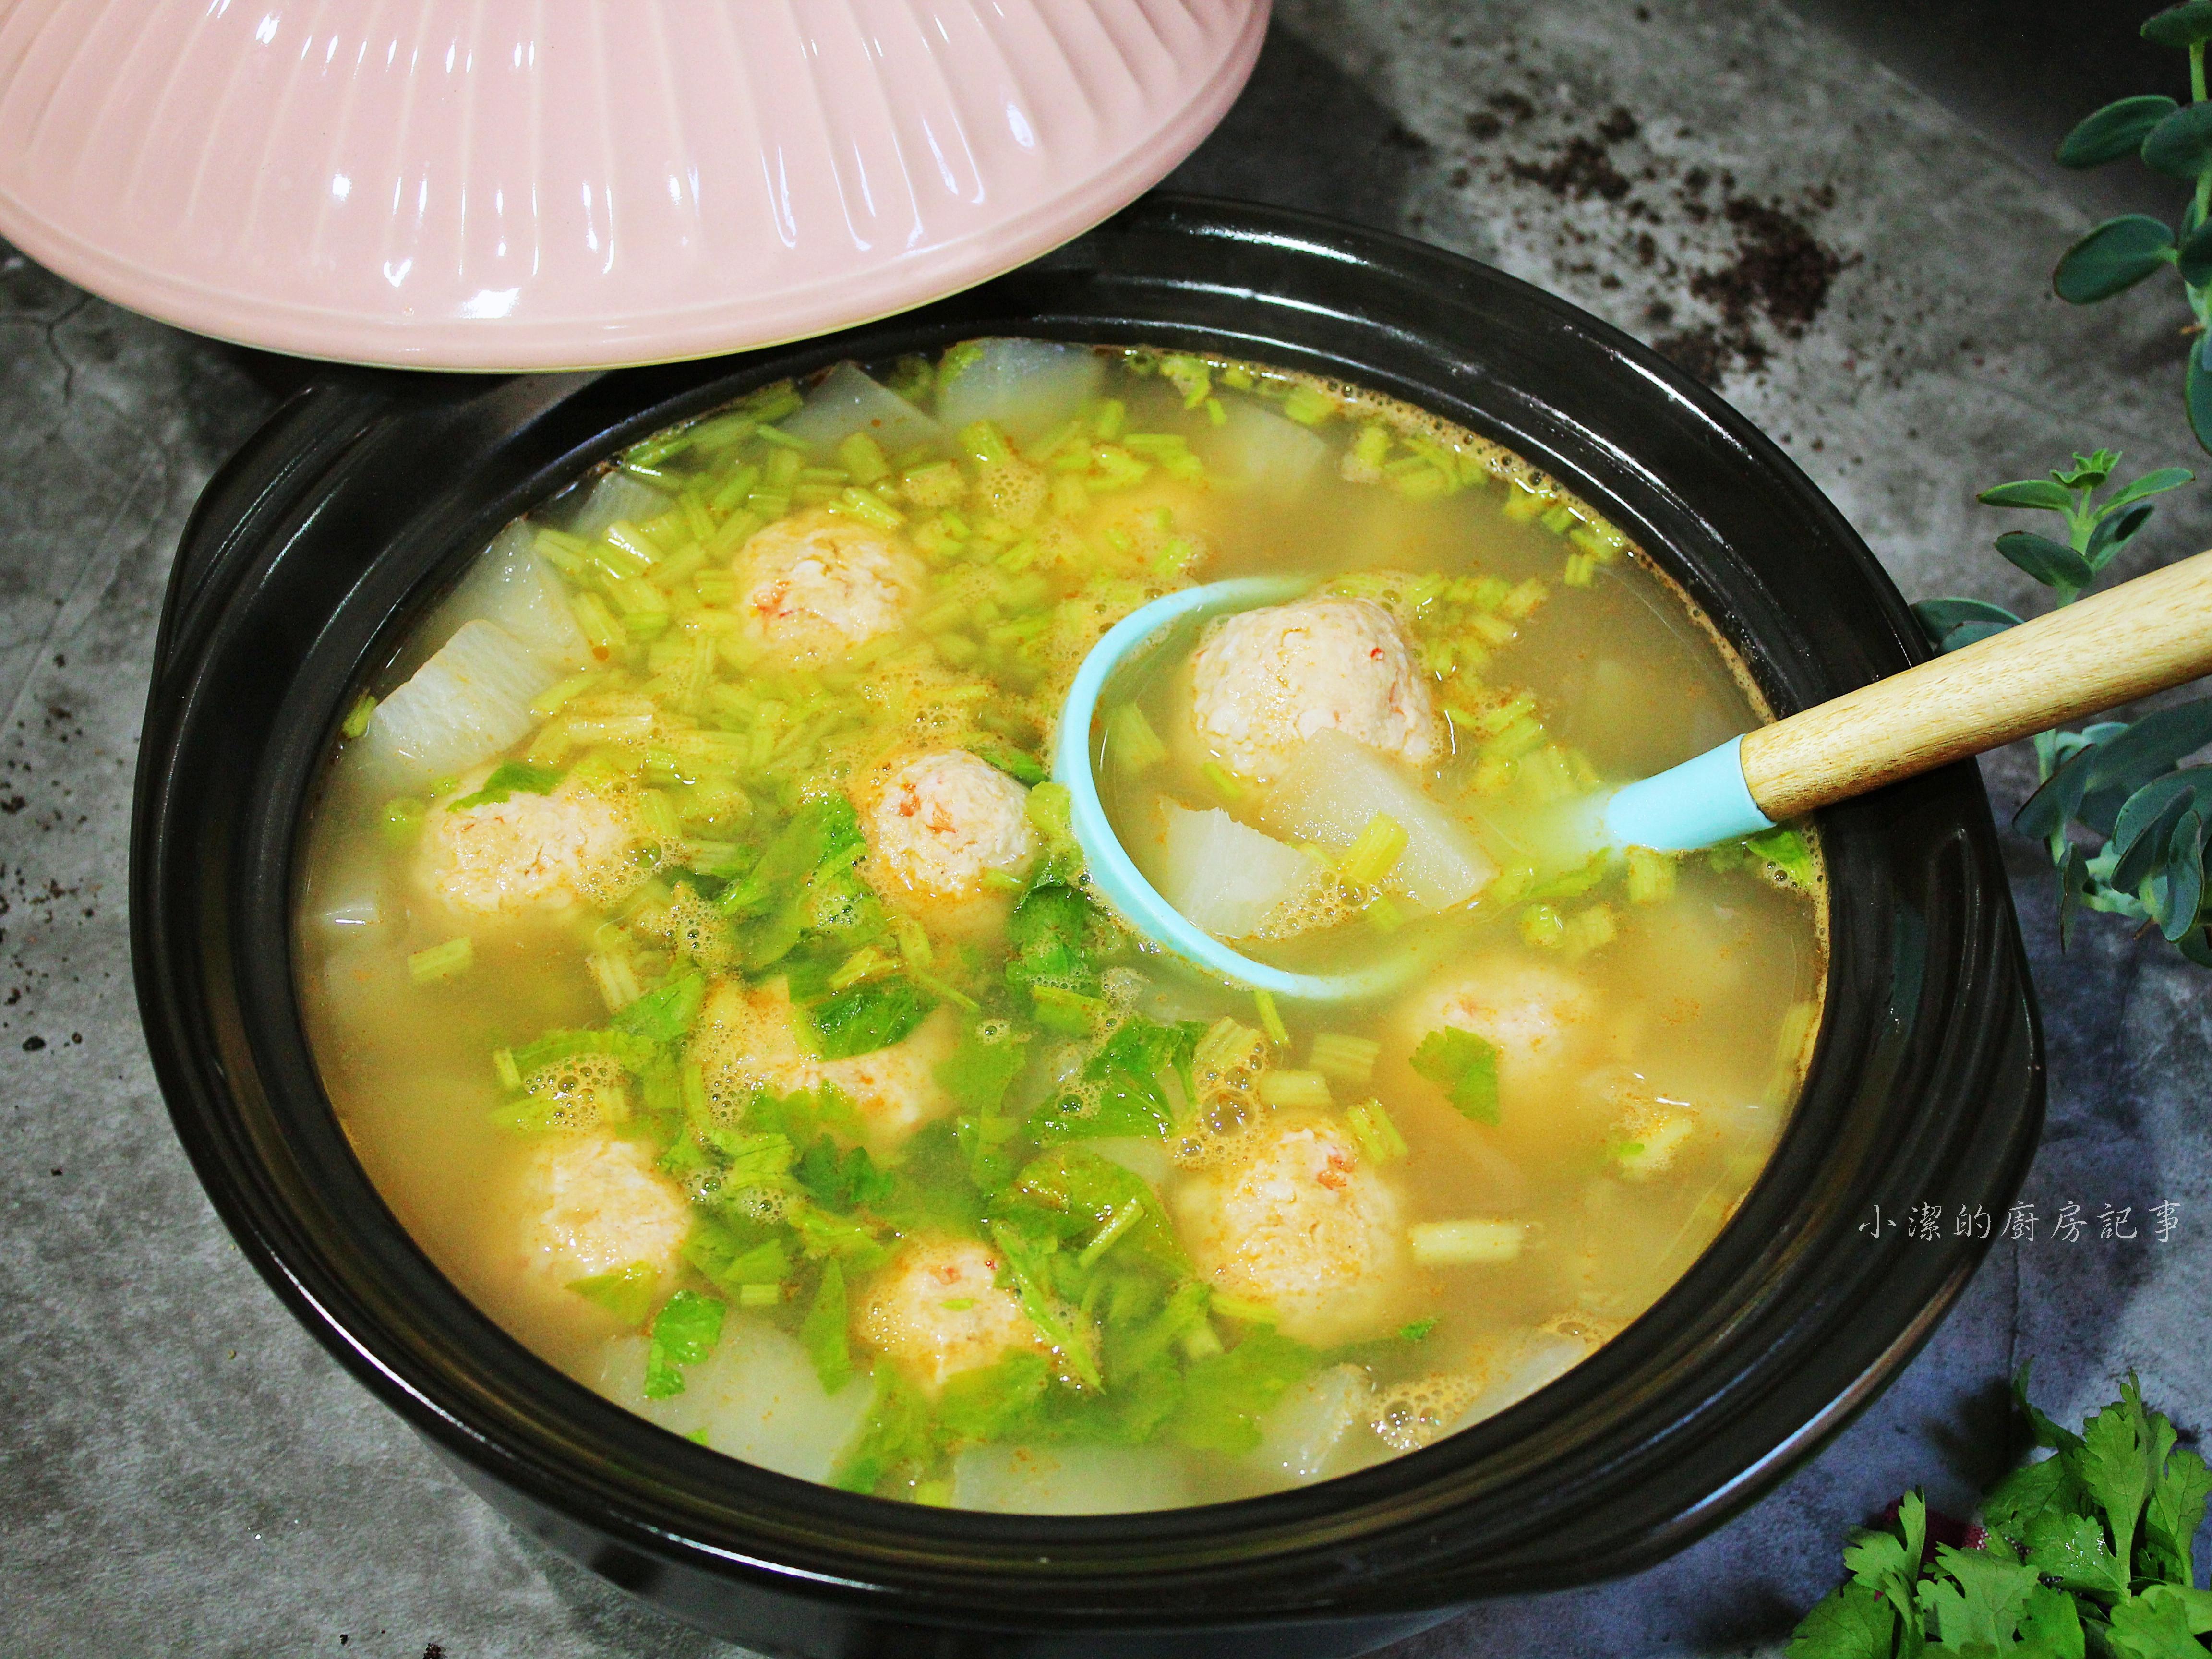 【薩索雞】菜頭蝦丸湯